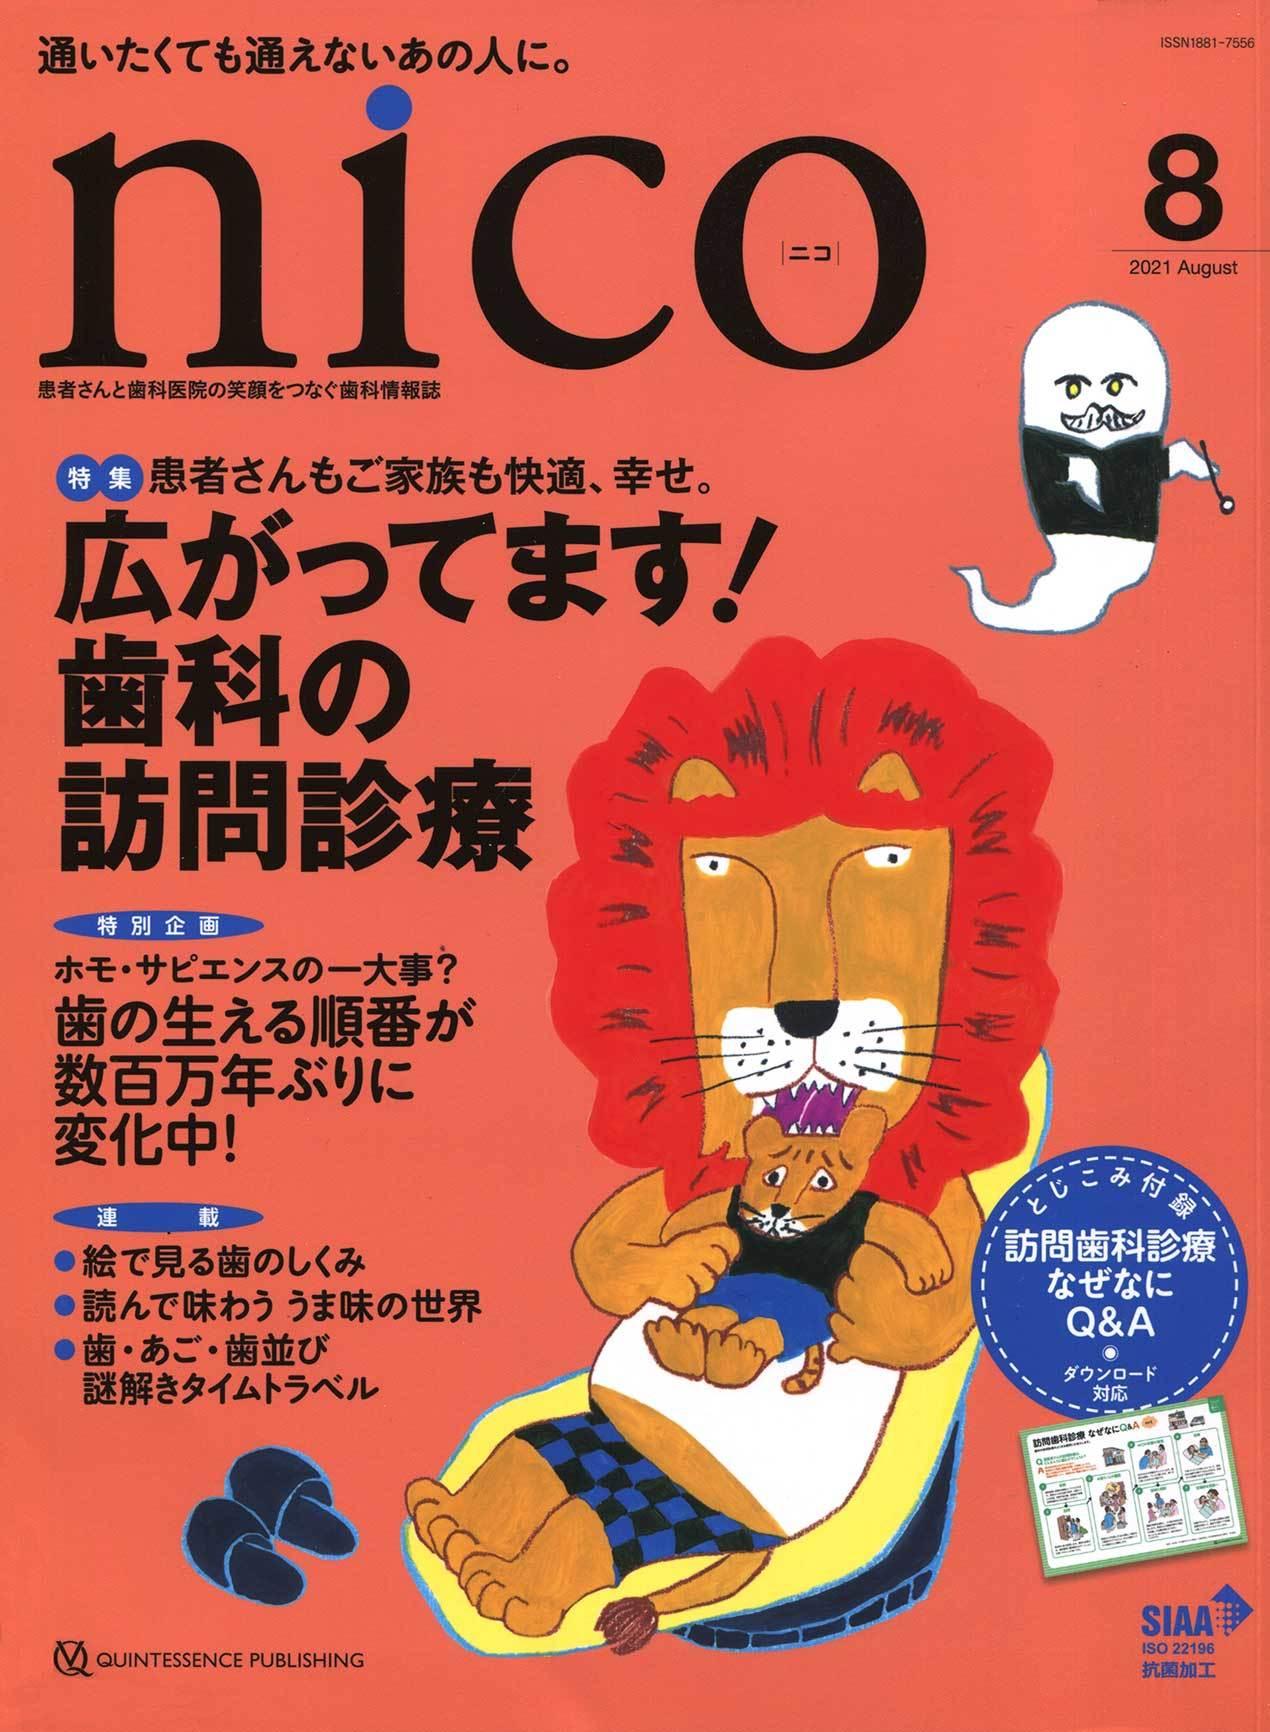 歯科情報誌 nico 2021年8月号 表紙イラストレーション_a0048227_22353564.jpg